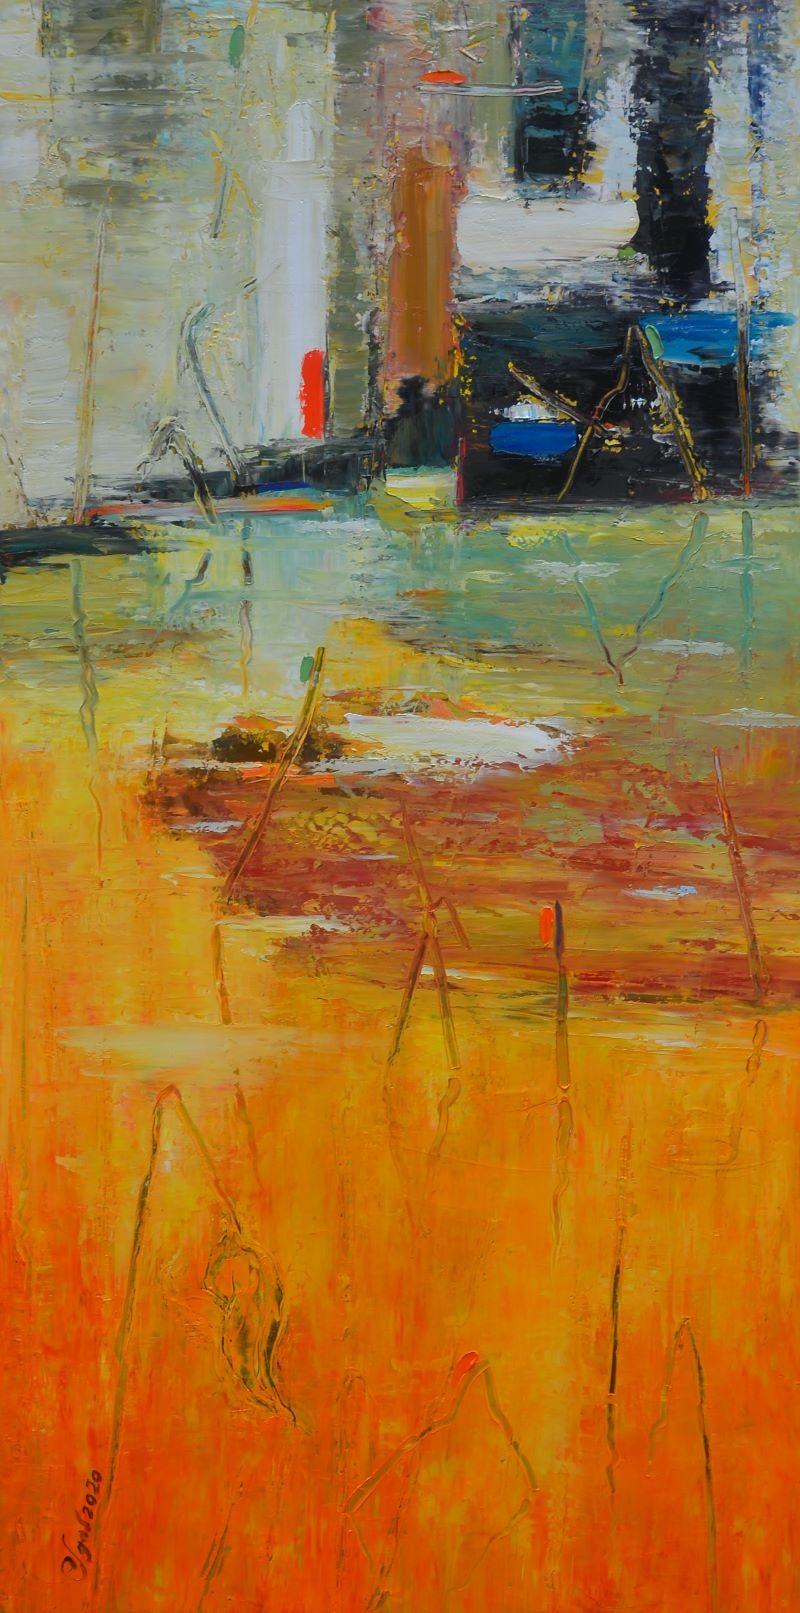 New Season III - Vietnamese Oil Paintings by Artist Dang Dinh Ngo